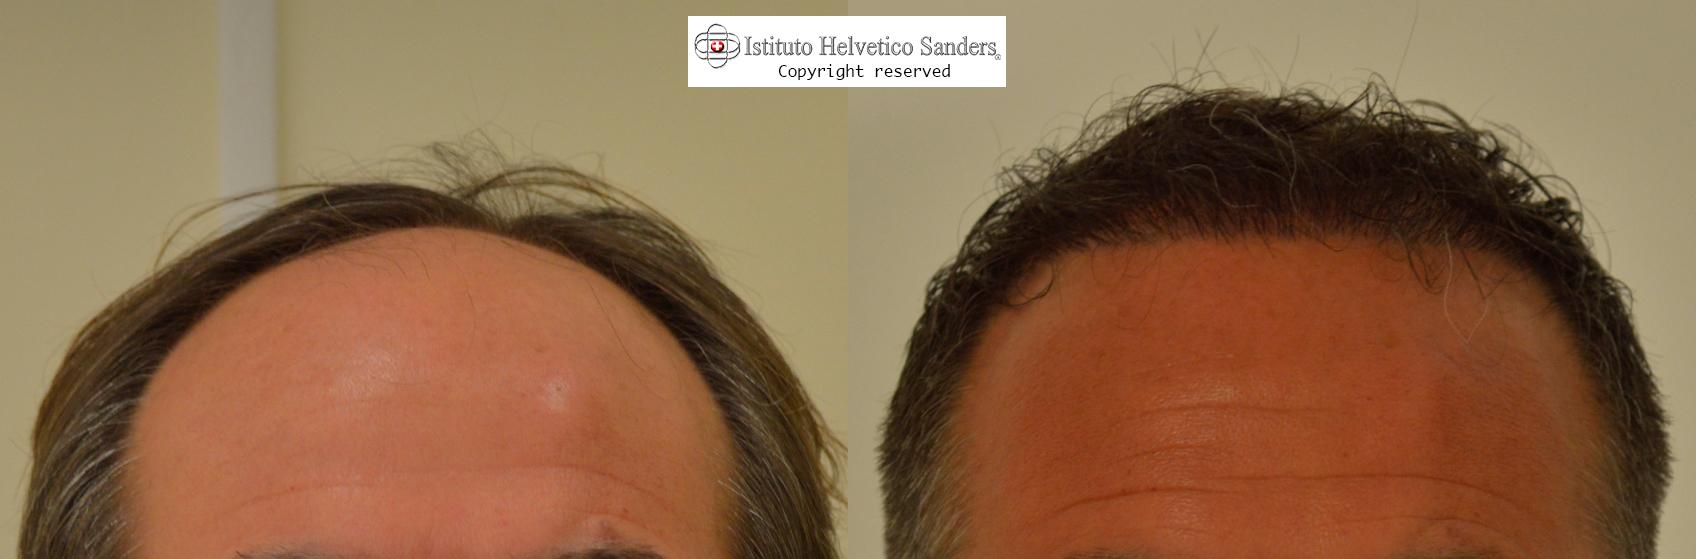 prima e dopo autotrapianto Sanders